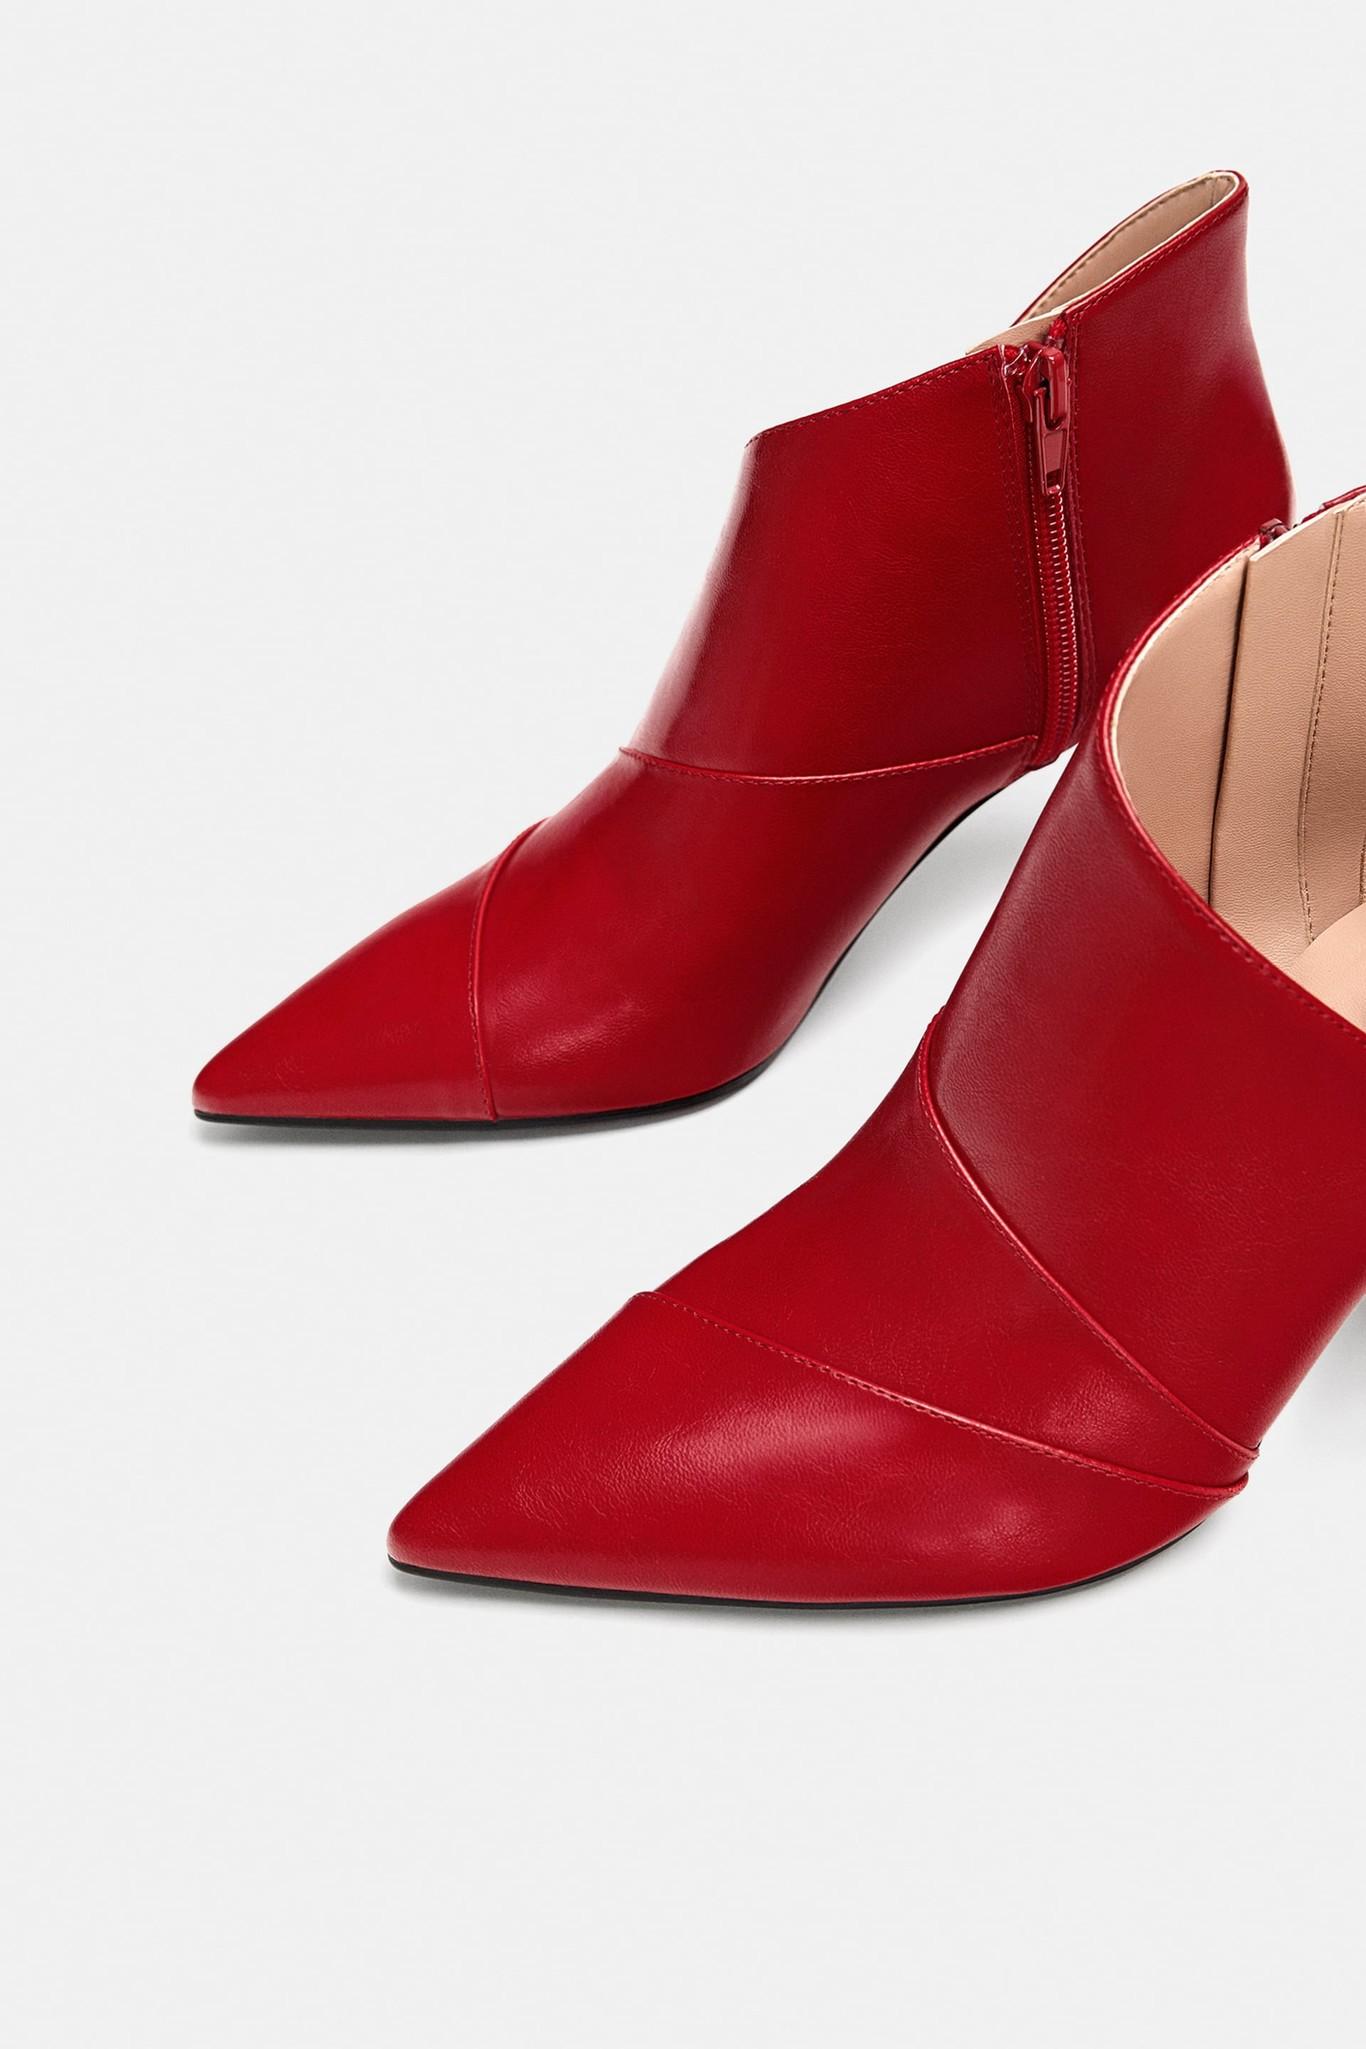 Los Zapatos Rojos Siguen Marcando Tendencia Este Otoño Invierno 2018 2019